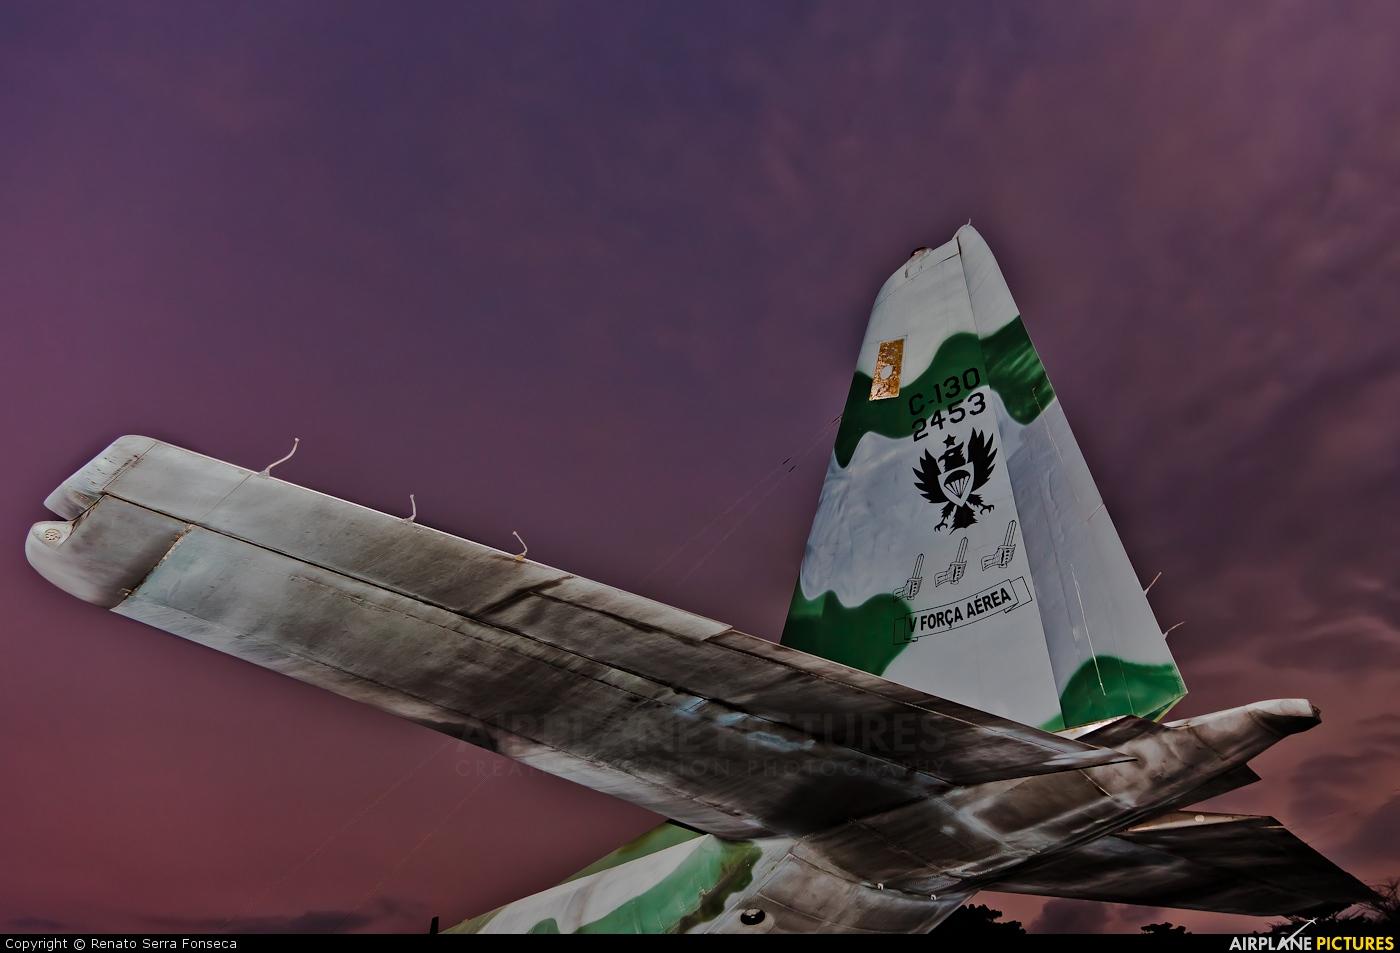 Brazil - Air Force 2453 aircraft at Campo Délio Jardim de Matos - Afonsos AFB